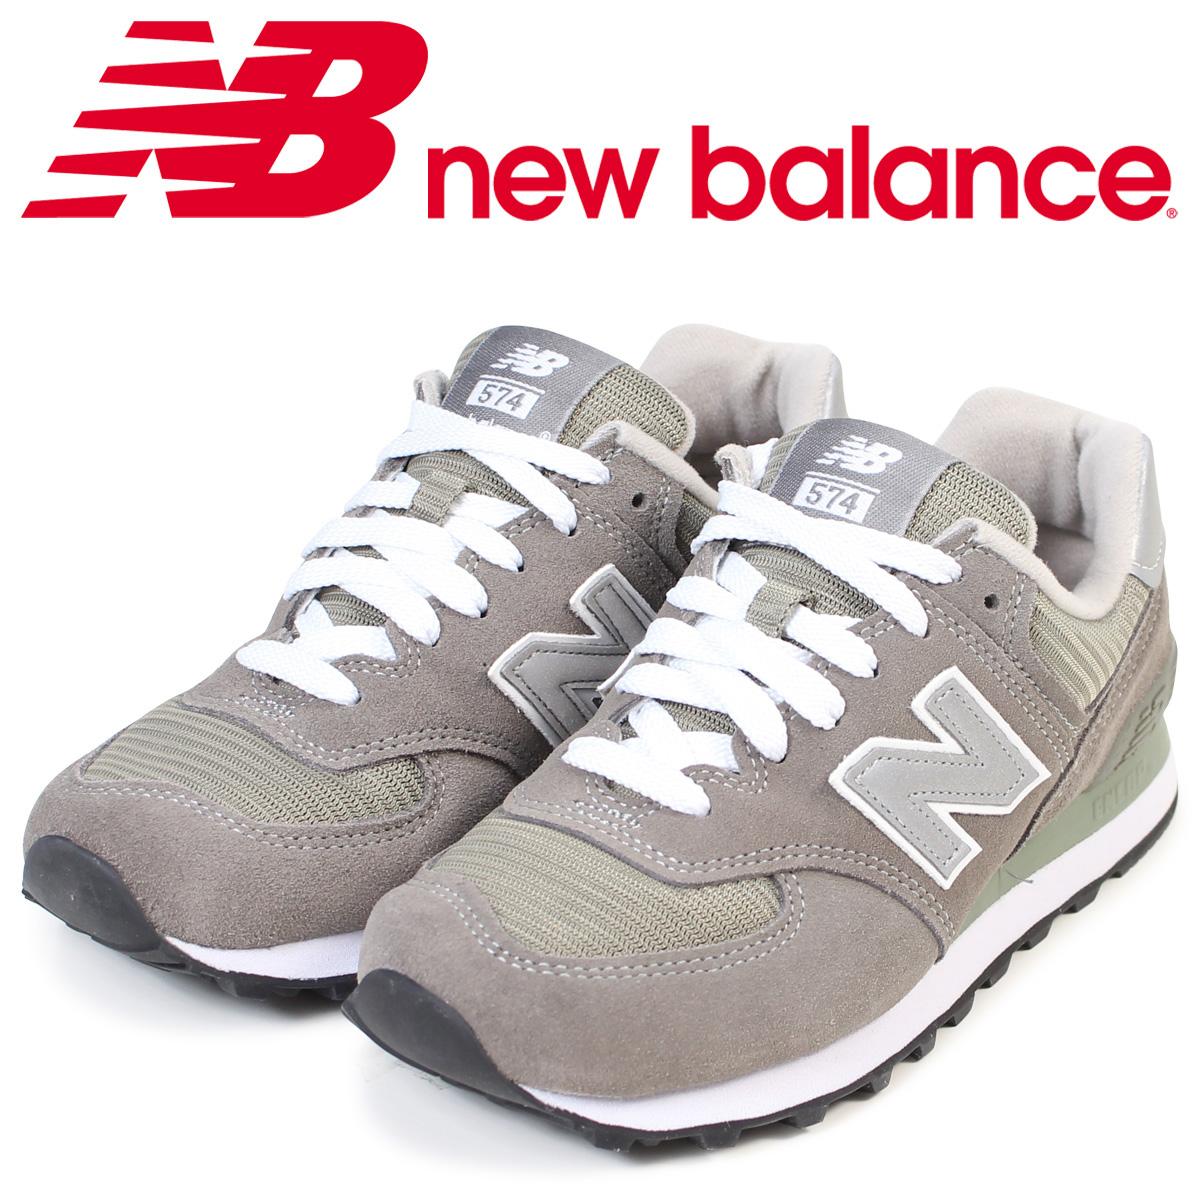 SneaK Online Shop: 紐巴倫new balance 574女子的男子的運動鞋W574GS B懷斯D懷斯灰色 | 日本樂天市場